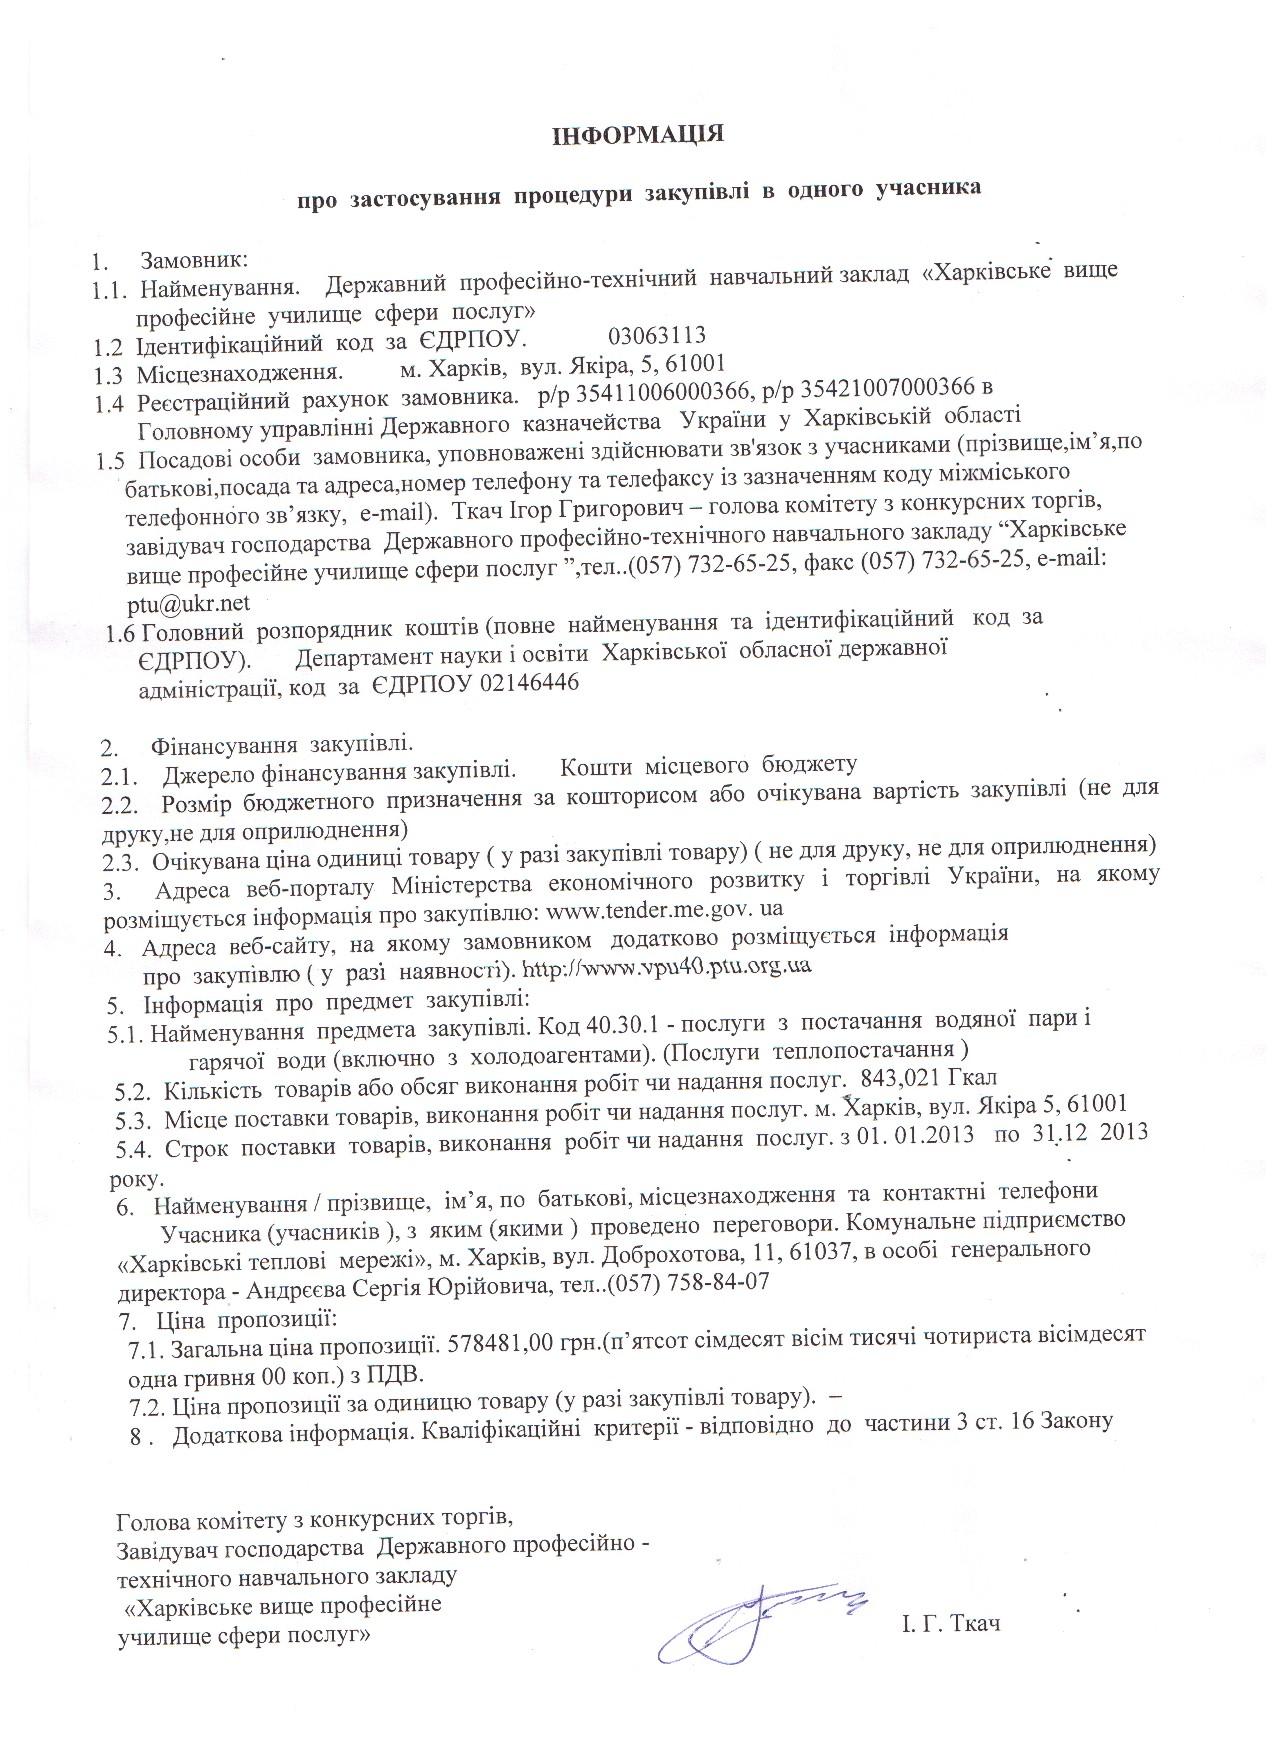 Інформація про застосування процедури закупівлі в одного учасника_2013